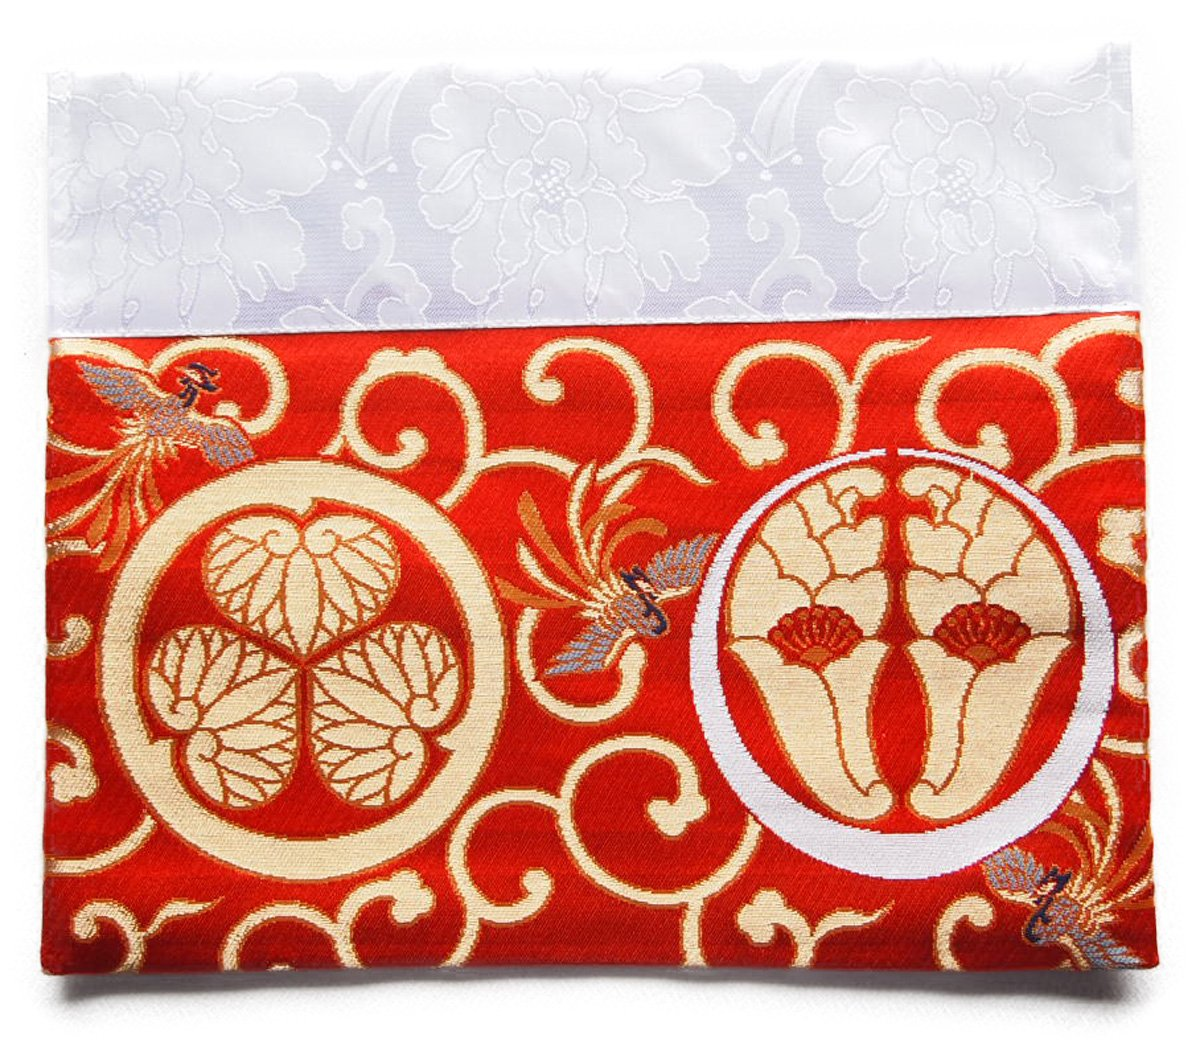 仏壇 打ち敷き (内敷き) 浄土宗 家紋 打敷き 四角 高級金らん布利用の一枚 (2尺60.6×31cm, 赤色) B076H2GZRF 2尺60.6×31cm|赤色 赤色 2尺60.6×31cm